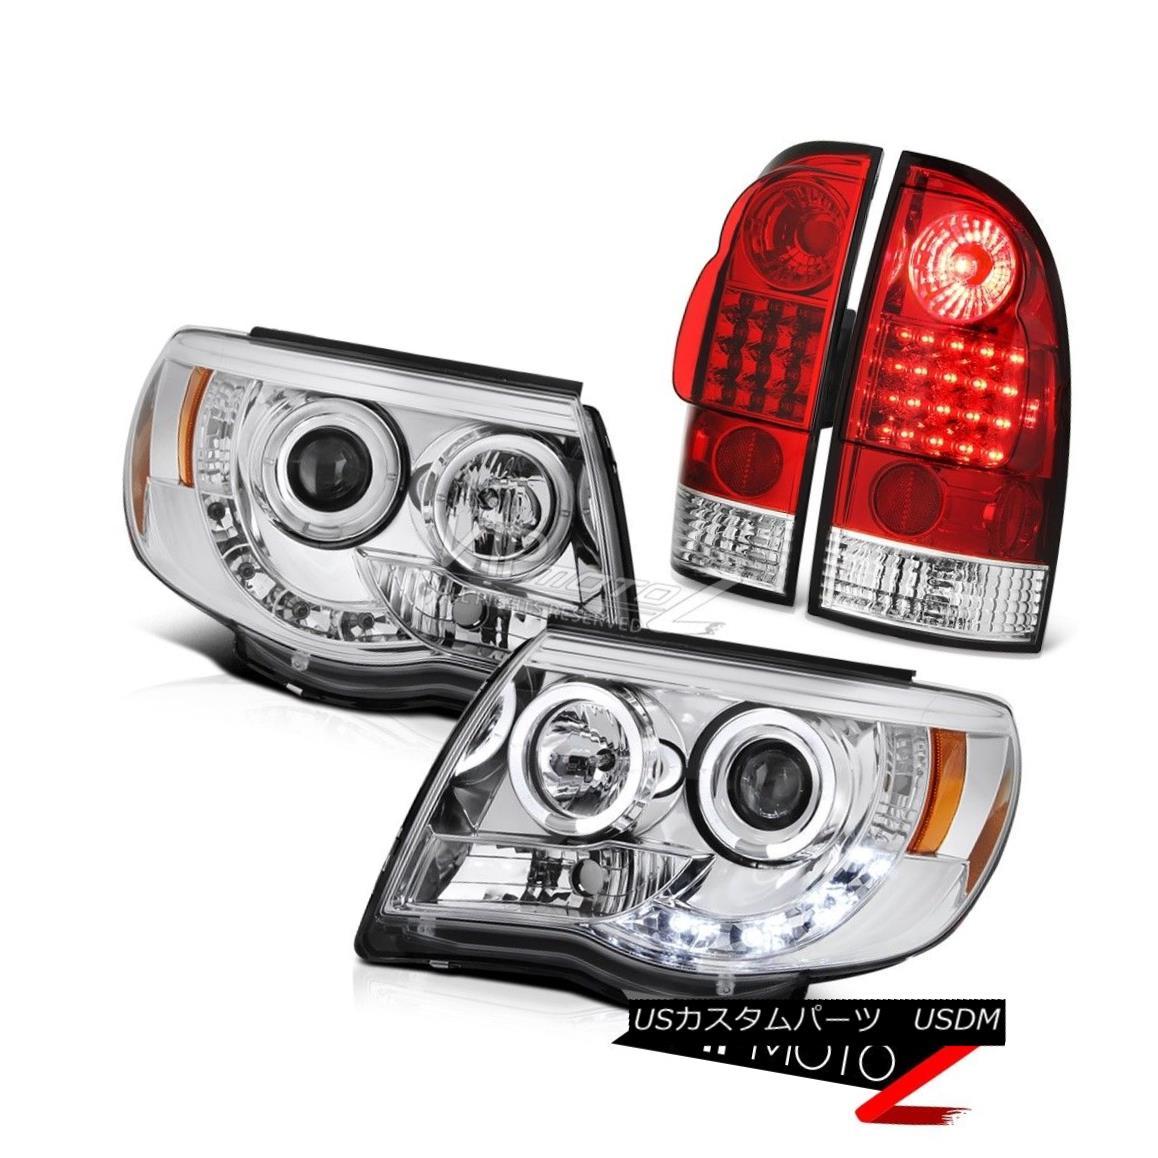 ヘッドライト 05 06 07 08 09 10 11 Tacoma PreRunner Chrome Halo LED Headlights Red Tail Lamps 05 06 07 08 09 10 11タコマPreRunnerクロームHalo LEDヘッドライトレッドテールランプ